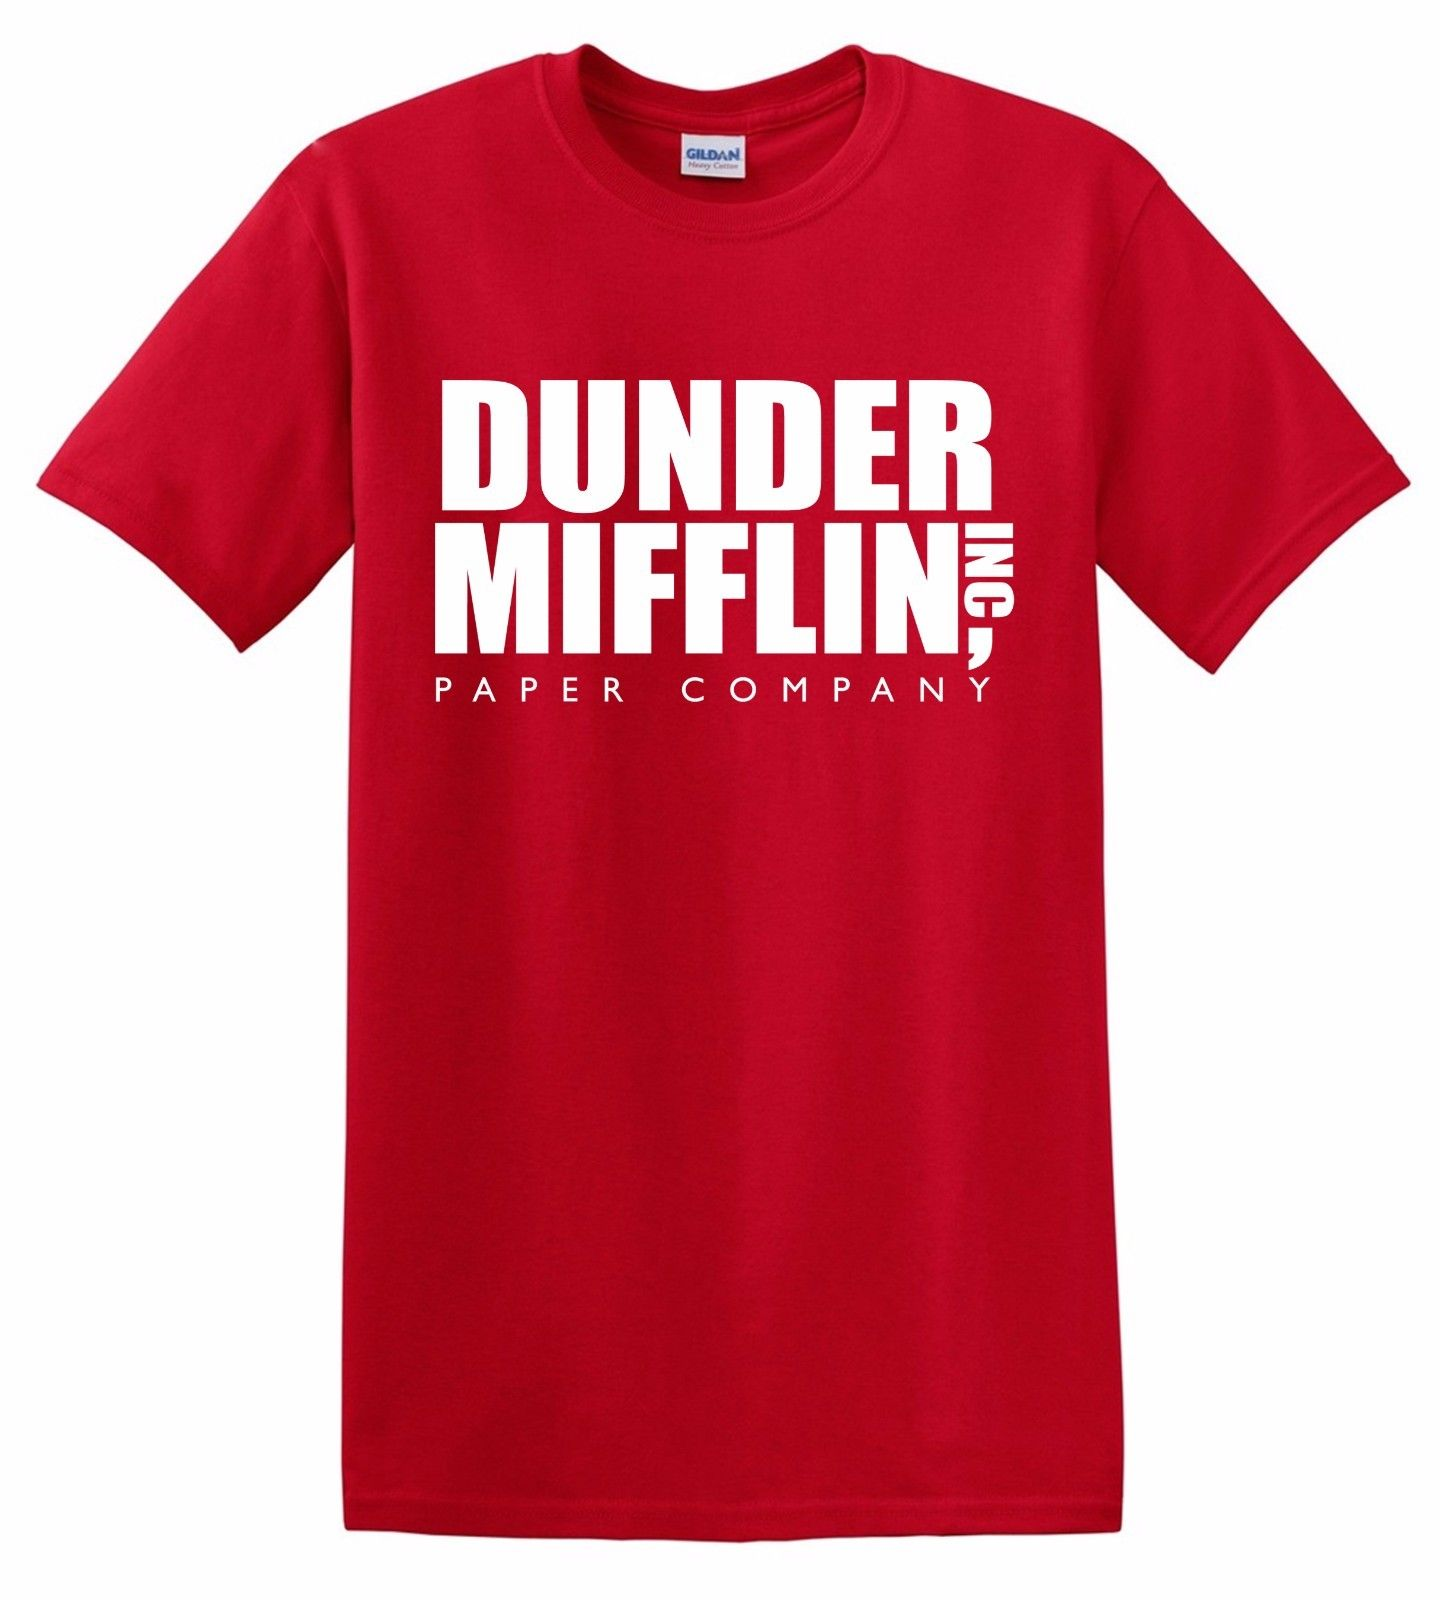 Dunder Mifflin T-Shirt Paper Company Inc The Office Michael Scott Co Dwight Jim